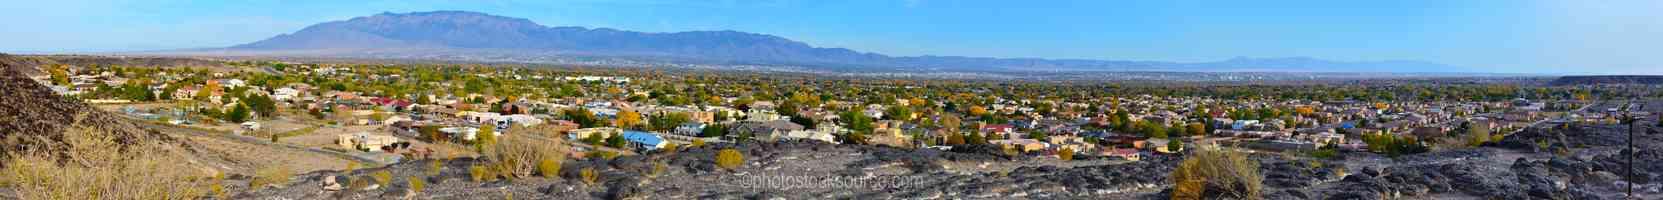 Albuquerque Sandia Mountains